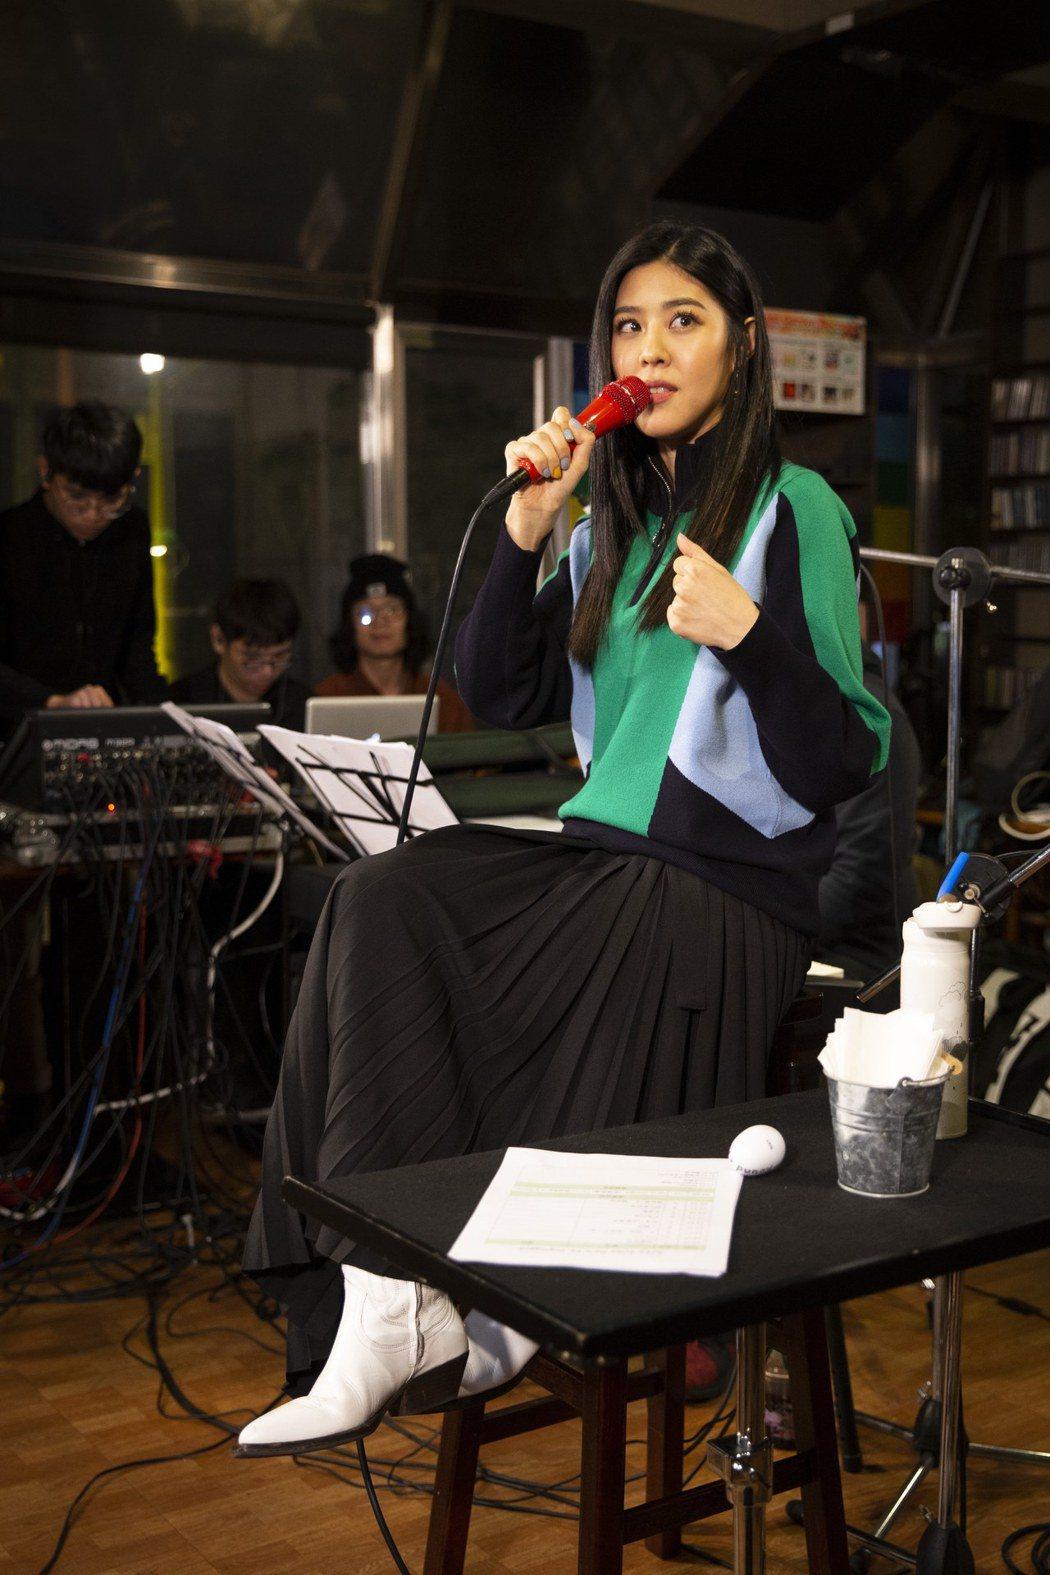 Erika劉艾立舉辦首場個人音樂會。圖/華納提供